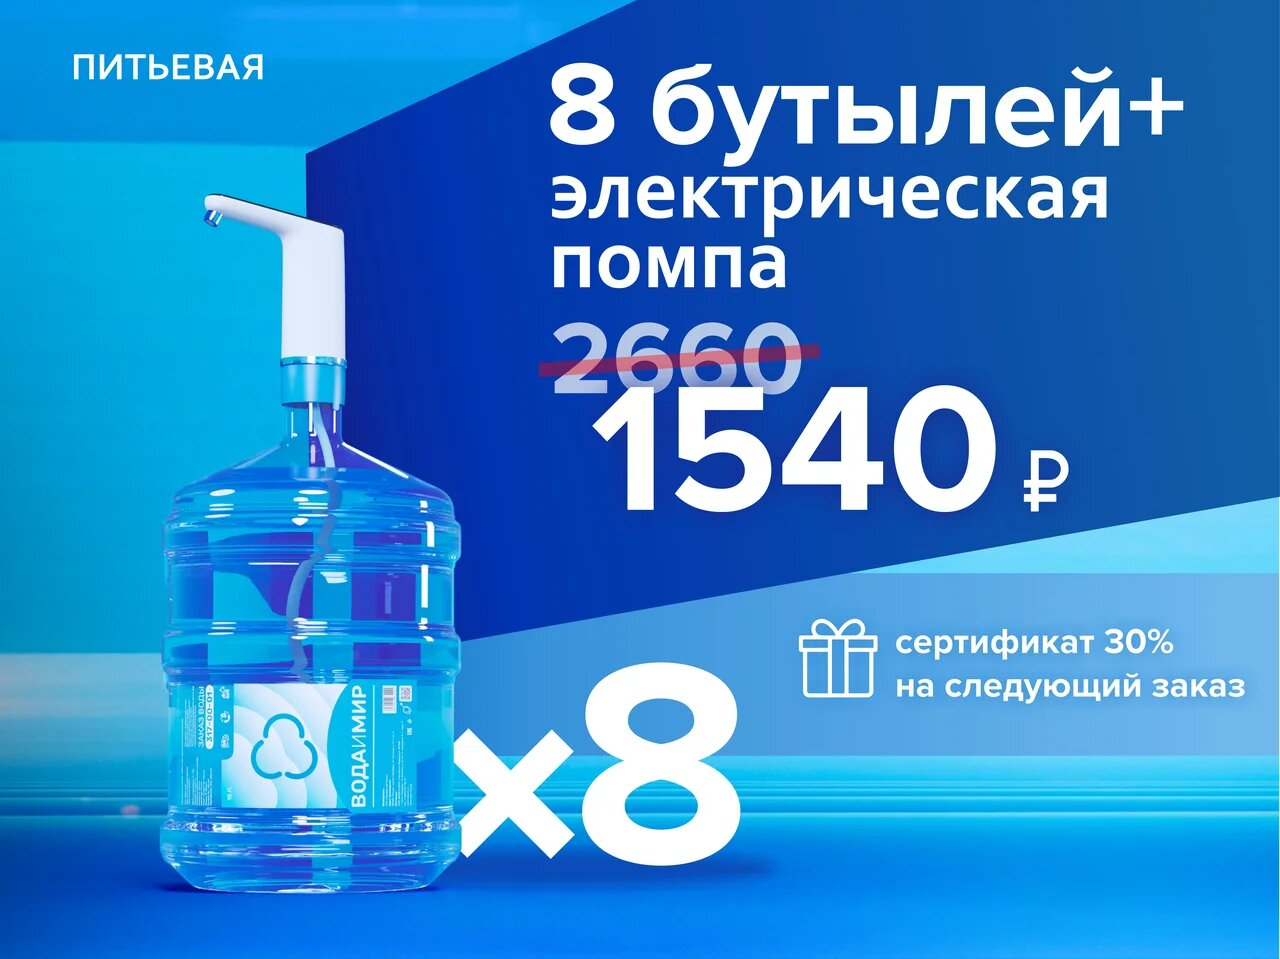 Питьевая вода электр. помпа х8